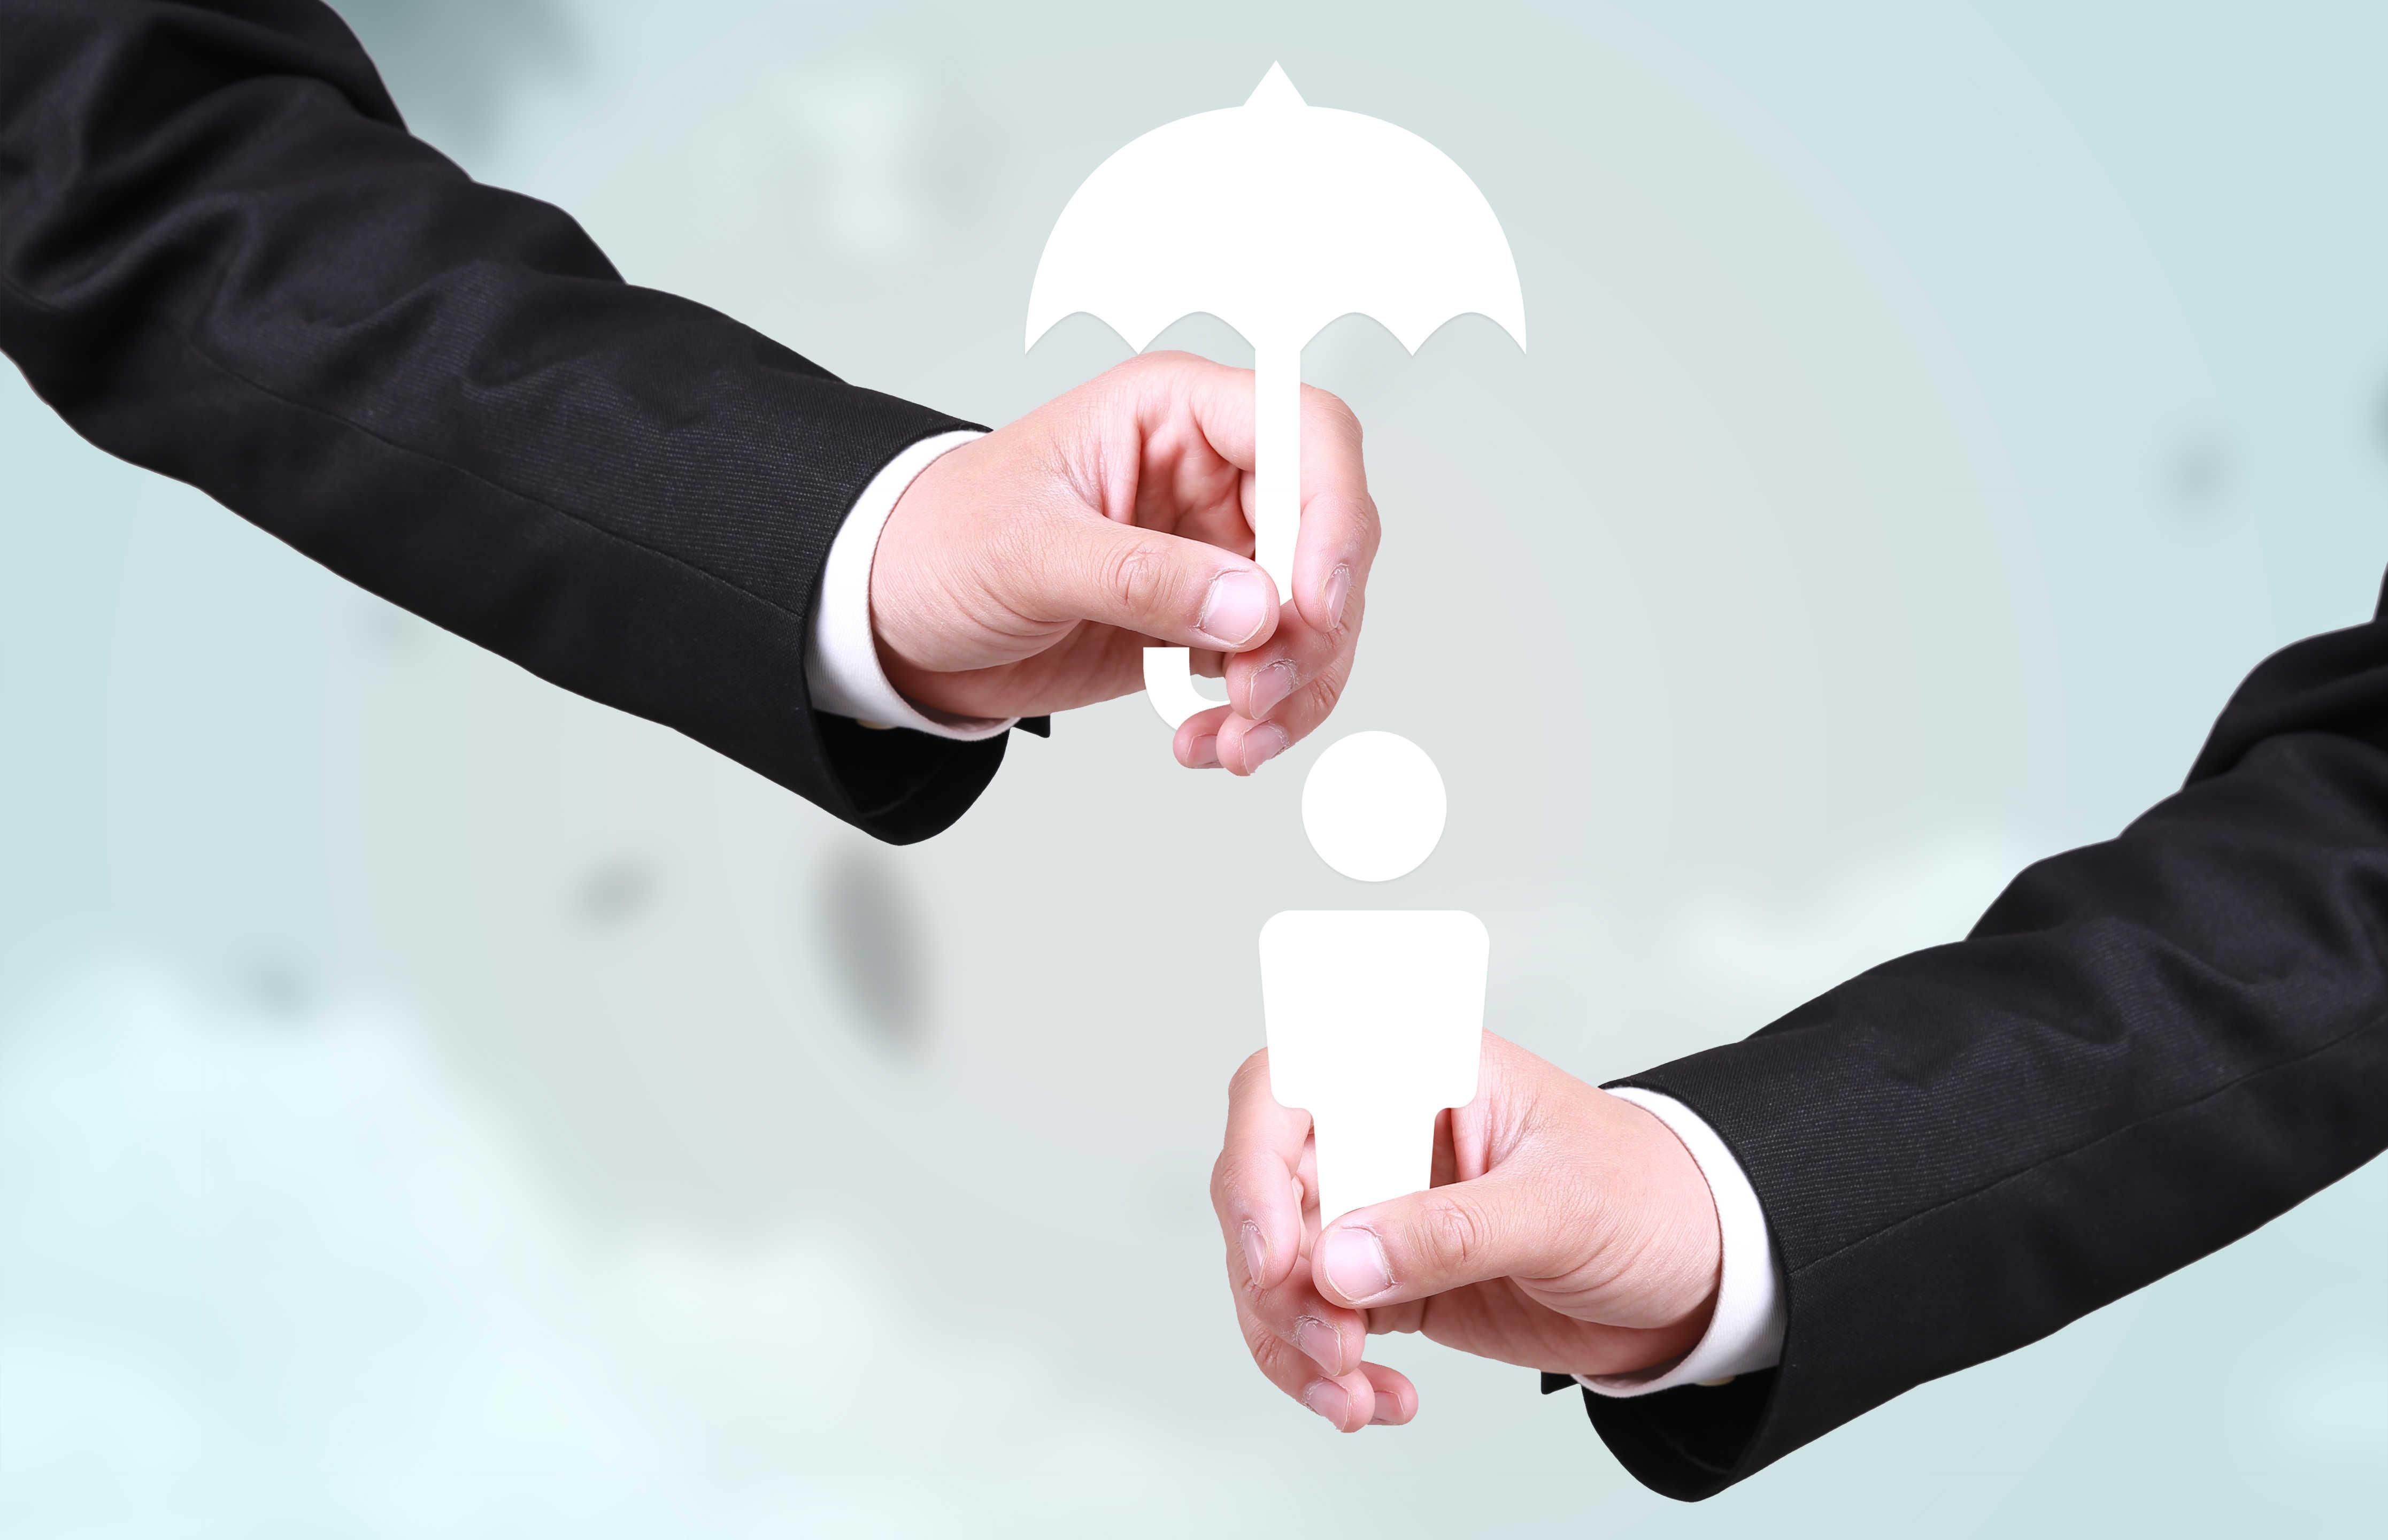 企业如何补缴社保,代缴社保的公司,代理社保